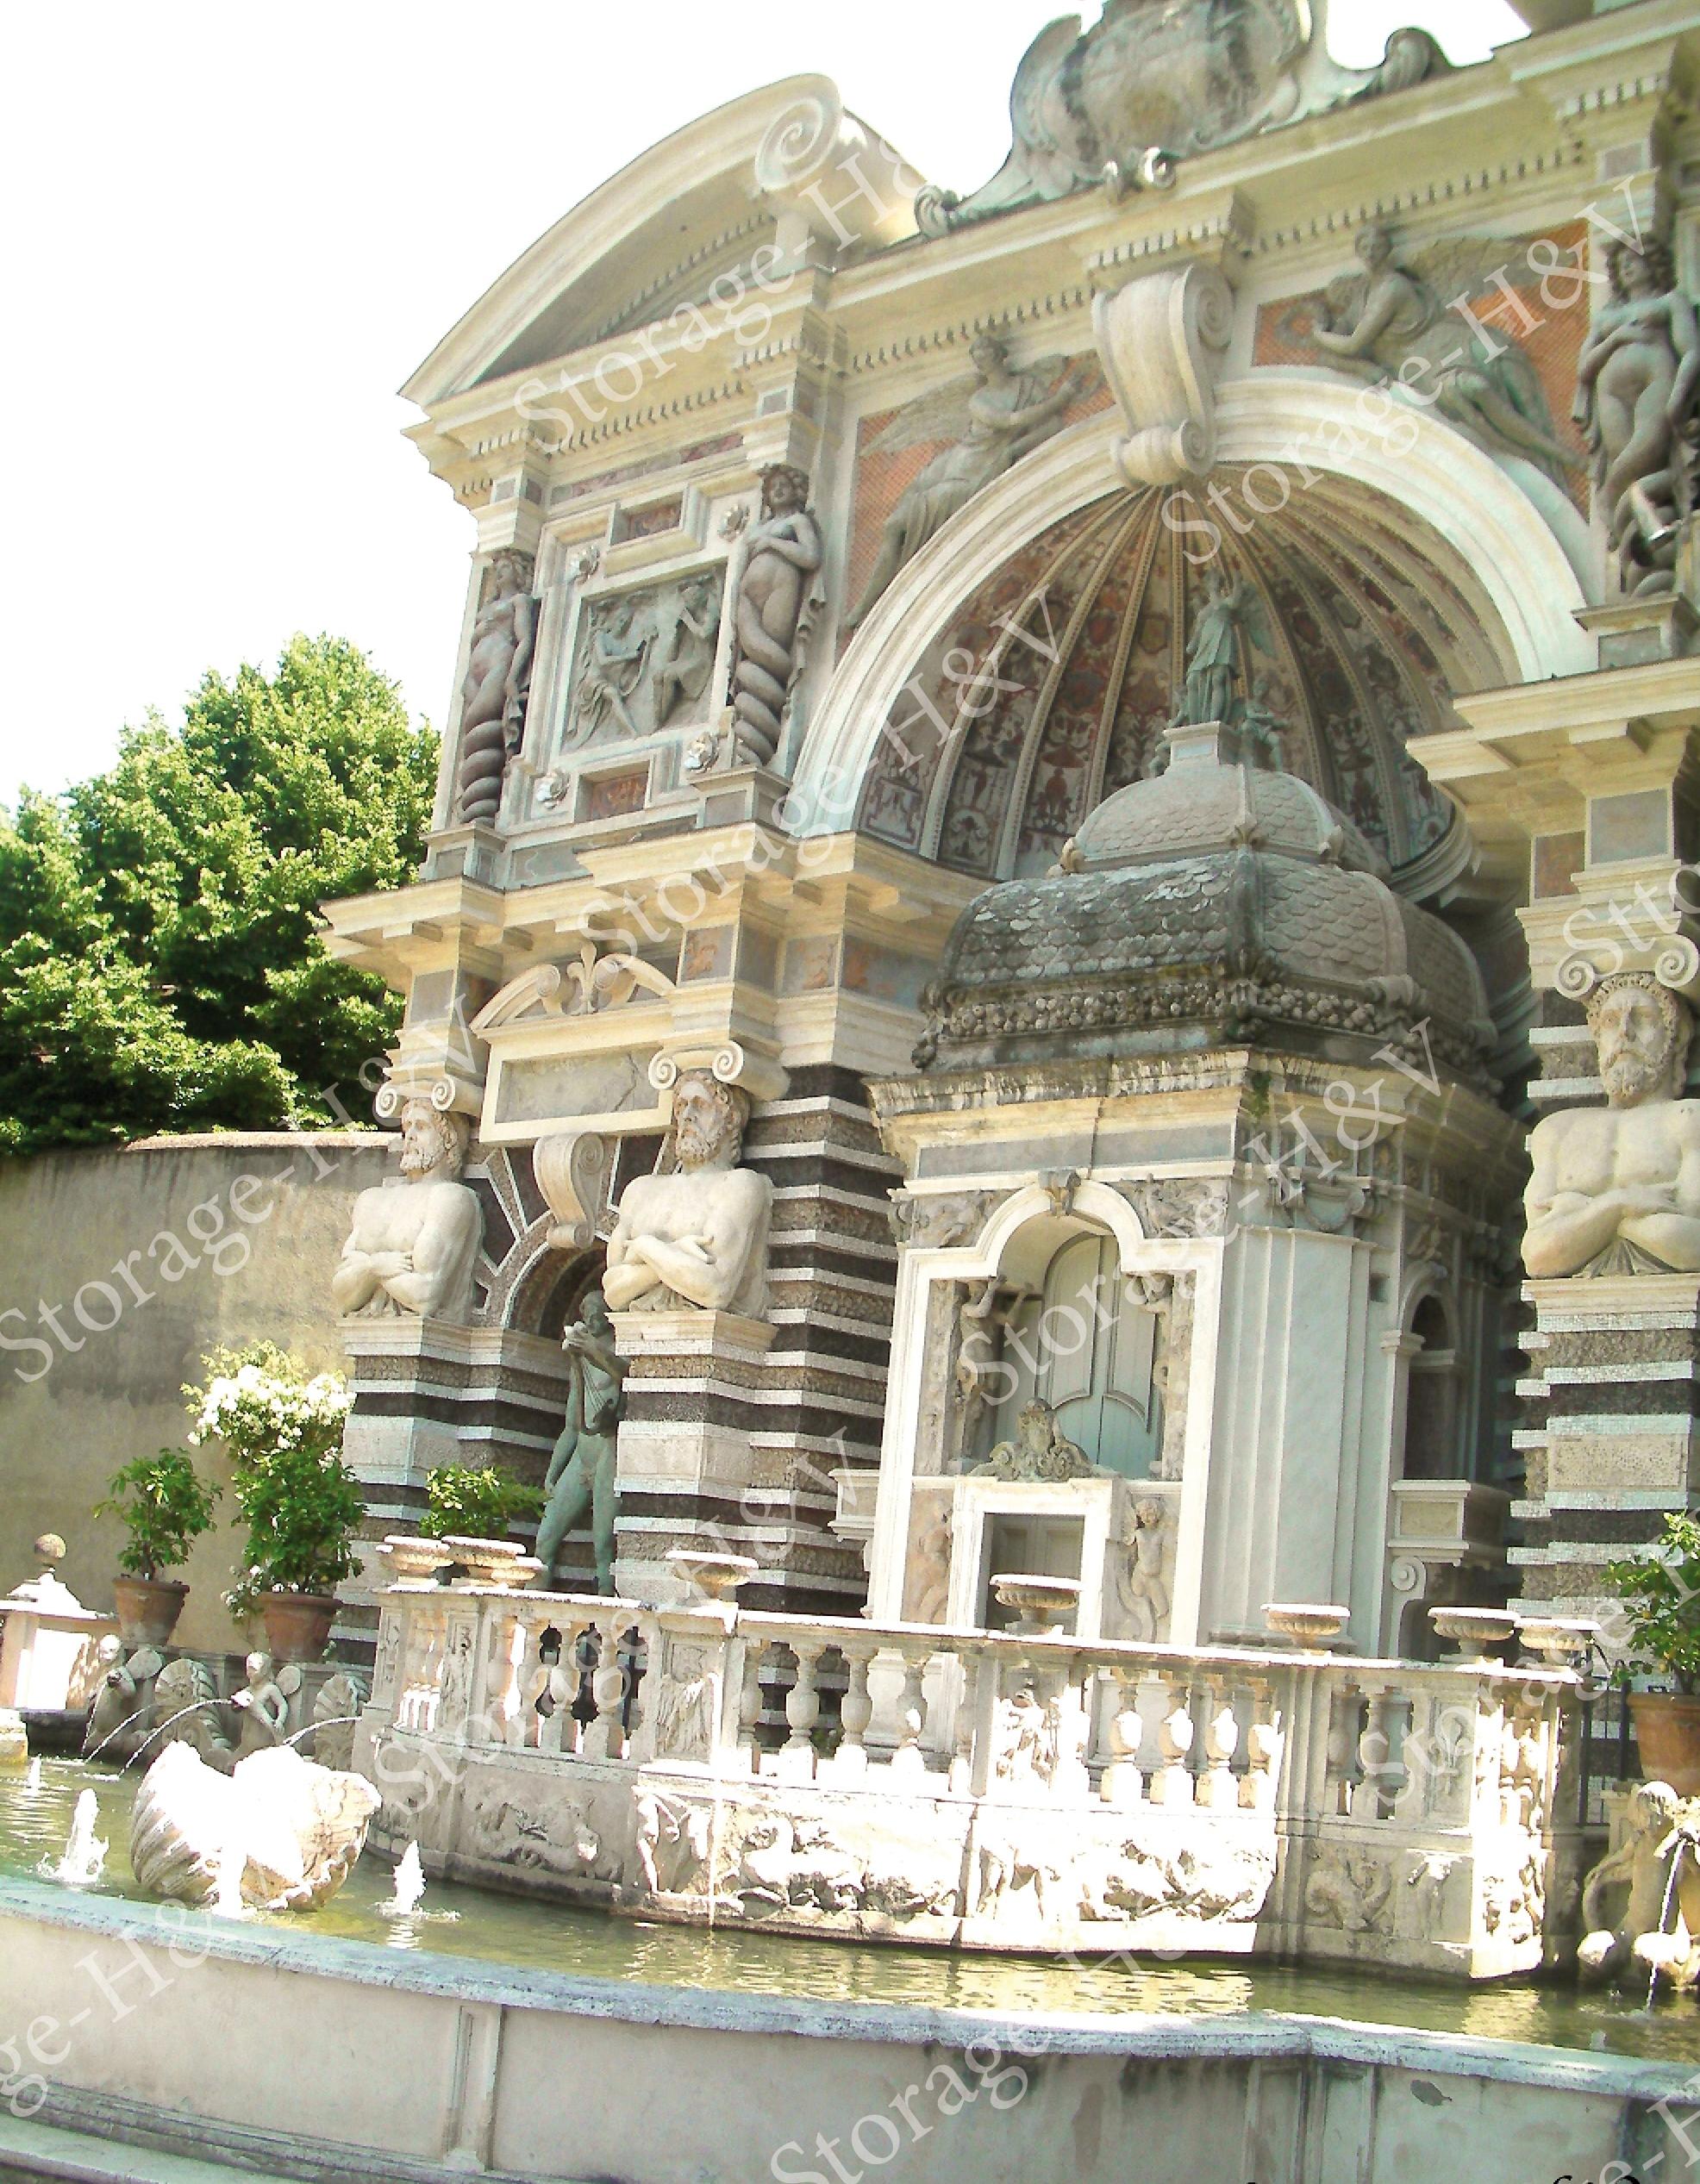 La villa d 39 este storage histoire et voyages for Vajilla villa d este